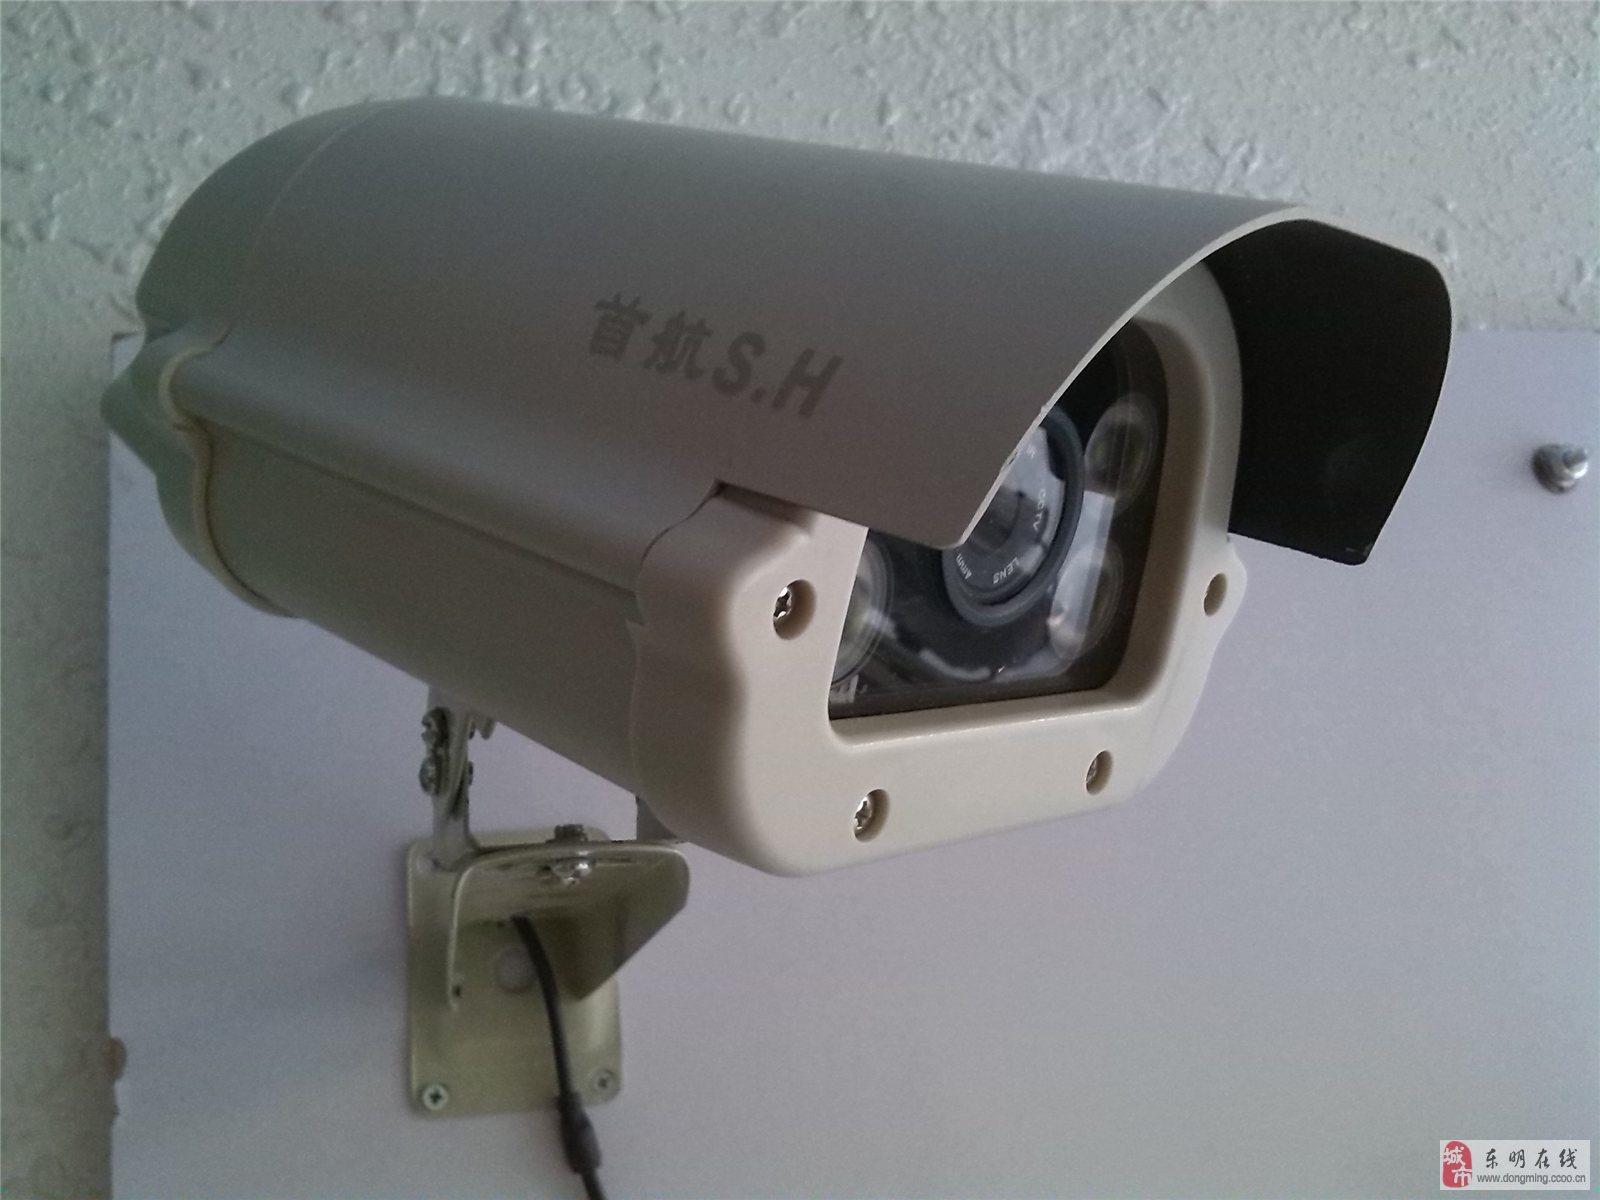 专业监控摄像头,网络设备,电脑器材批发零售